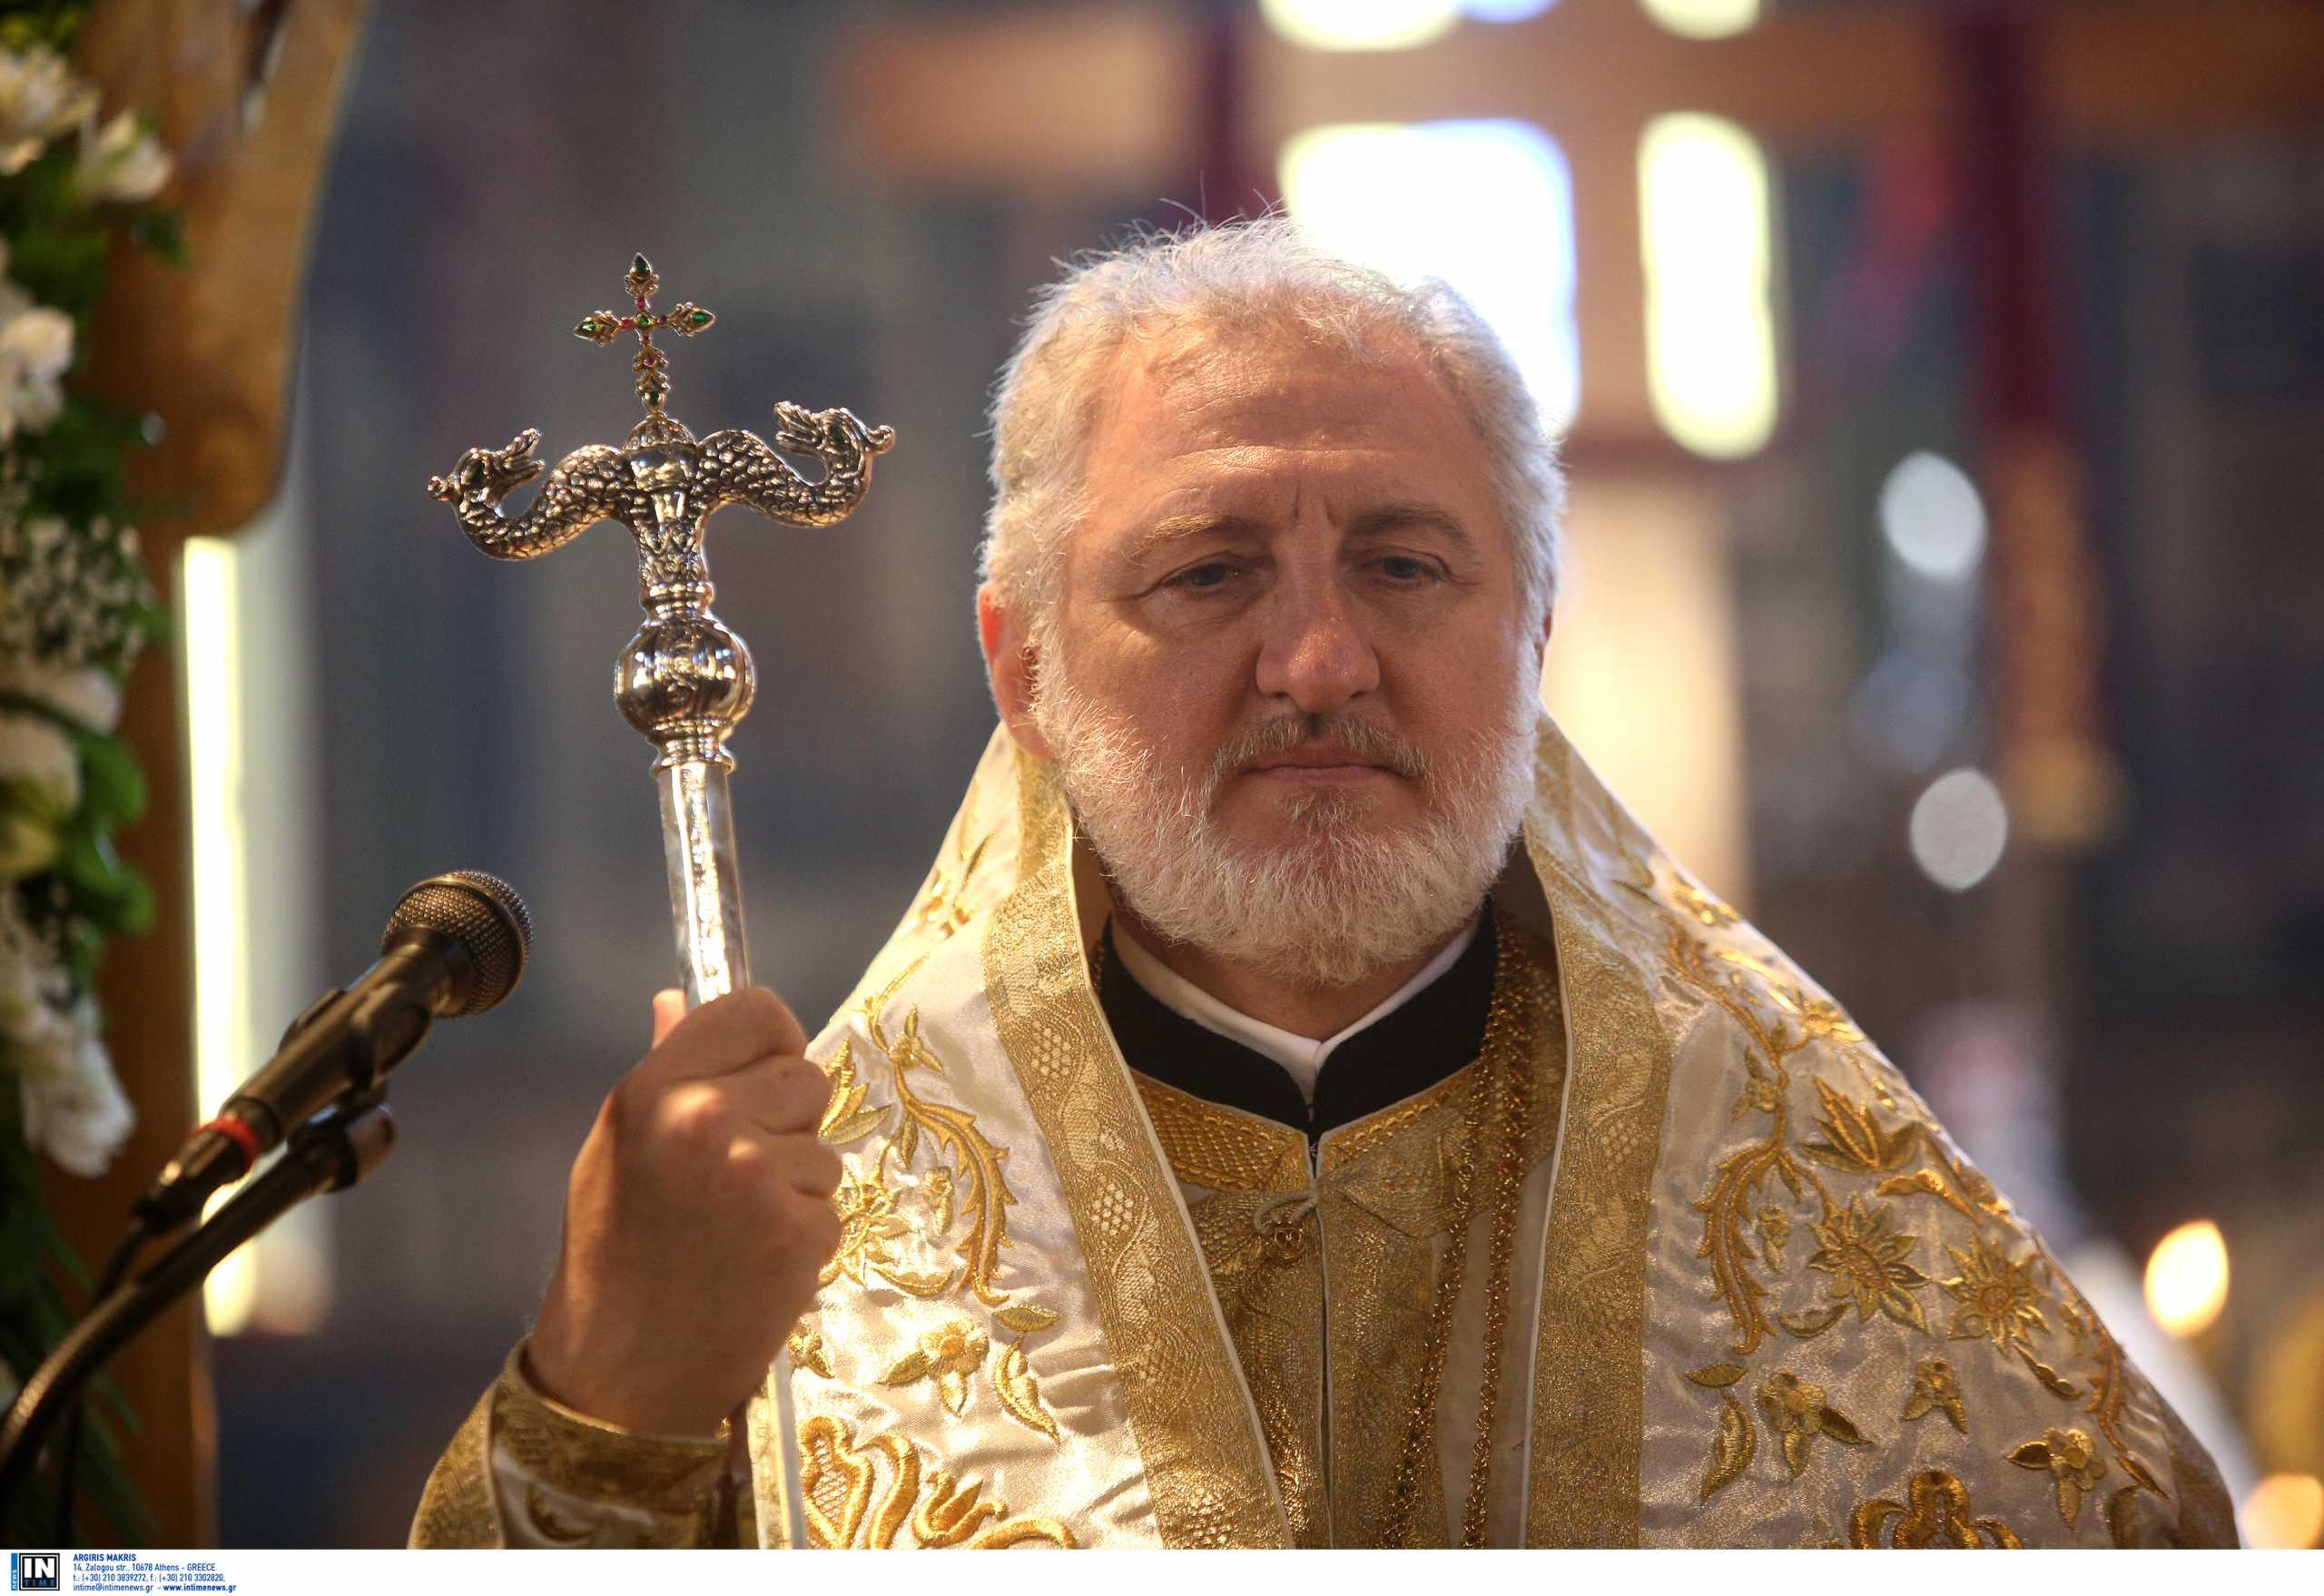 Αρχιεπίσκοπος Αμερικής Ελπιδοφόρος: «Μόνο ενωμένοι μπορούμε να αντιμετωπίσουμε την πύρινη λαίλαπα»